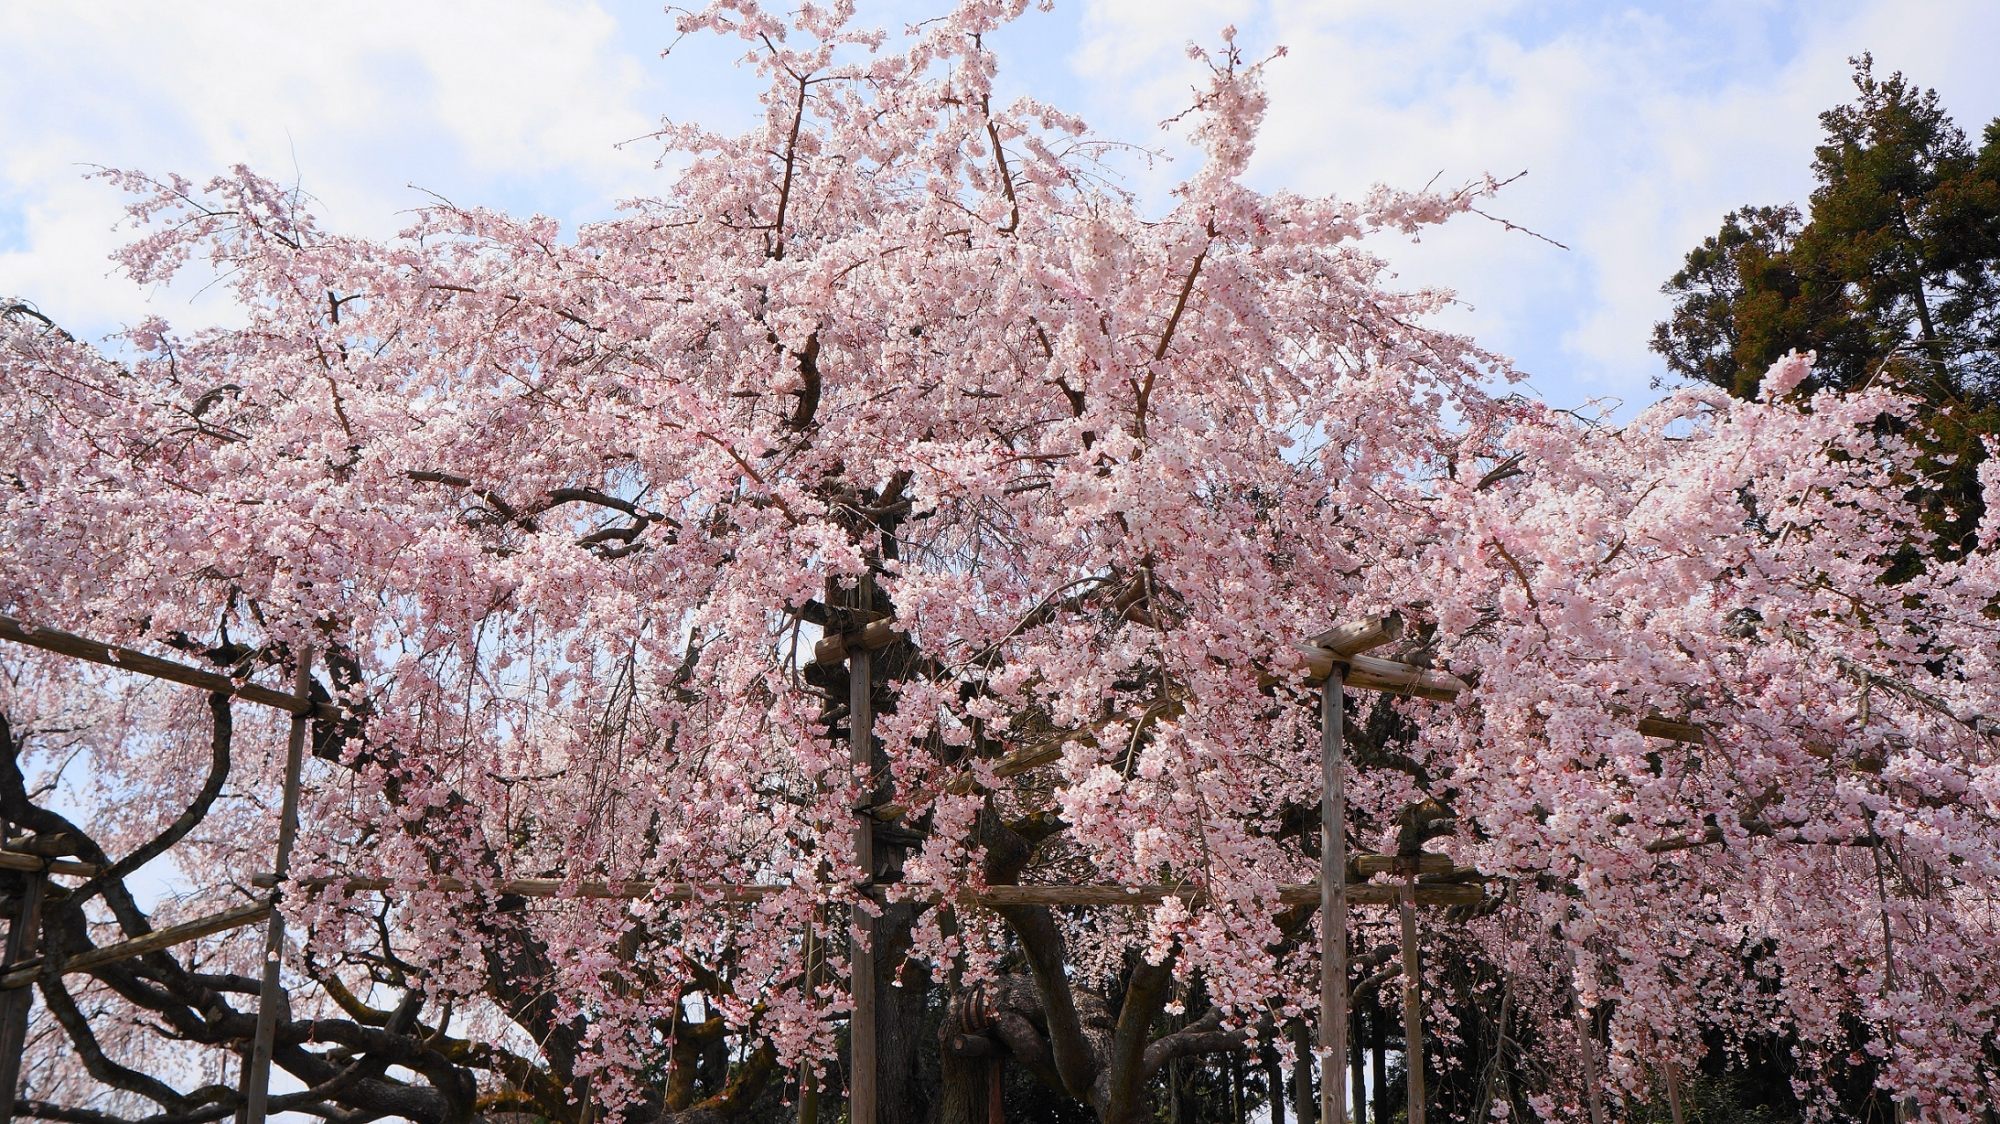 醍醐の花見で有名な桜の名所の醍醐寺の三宝院の満開の太閤しだれ桜